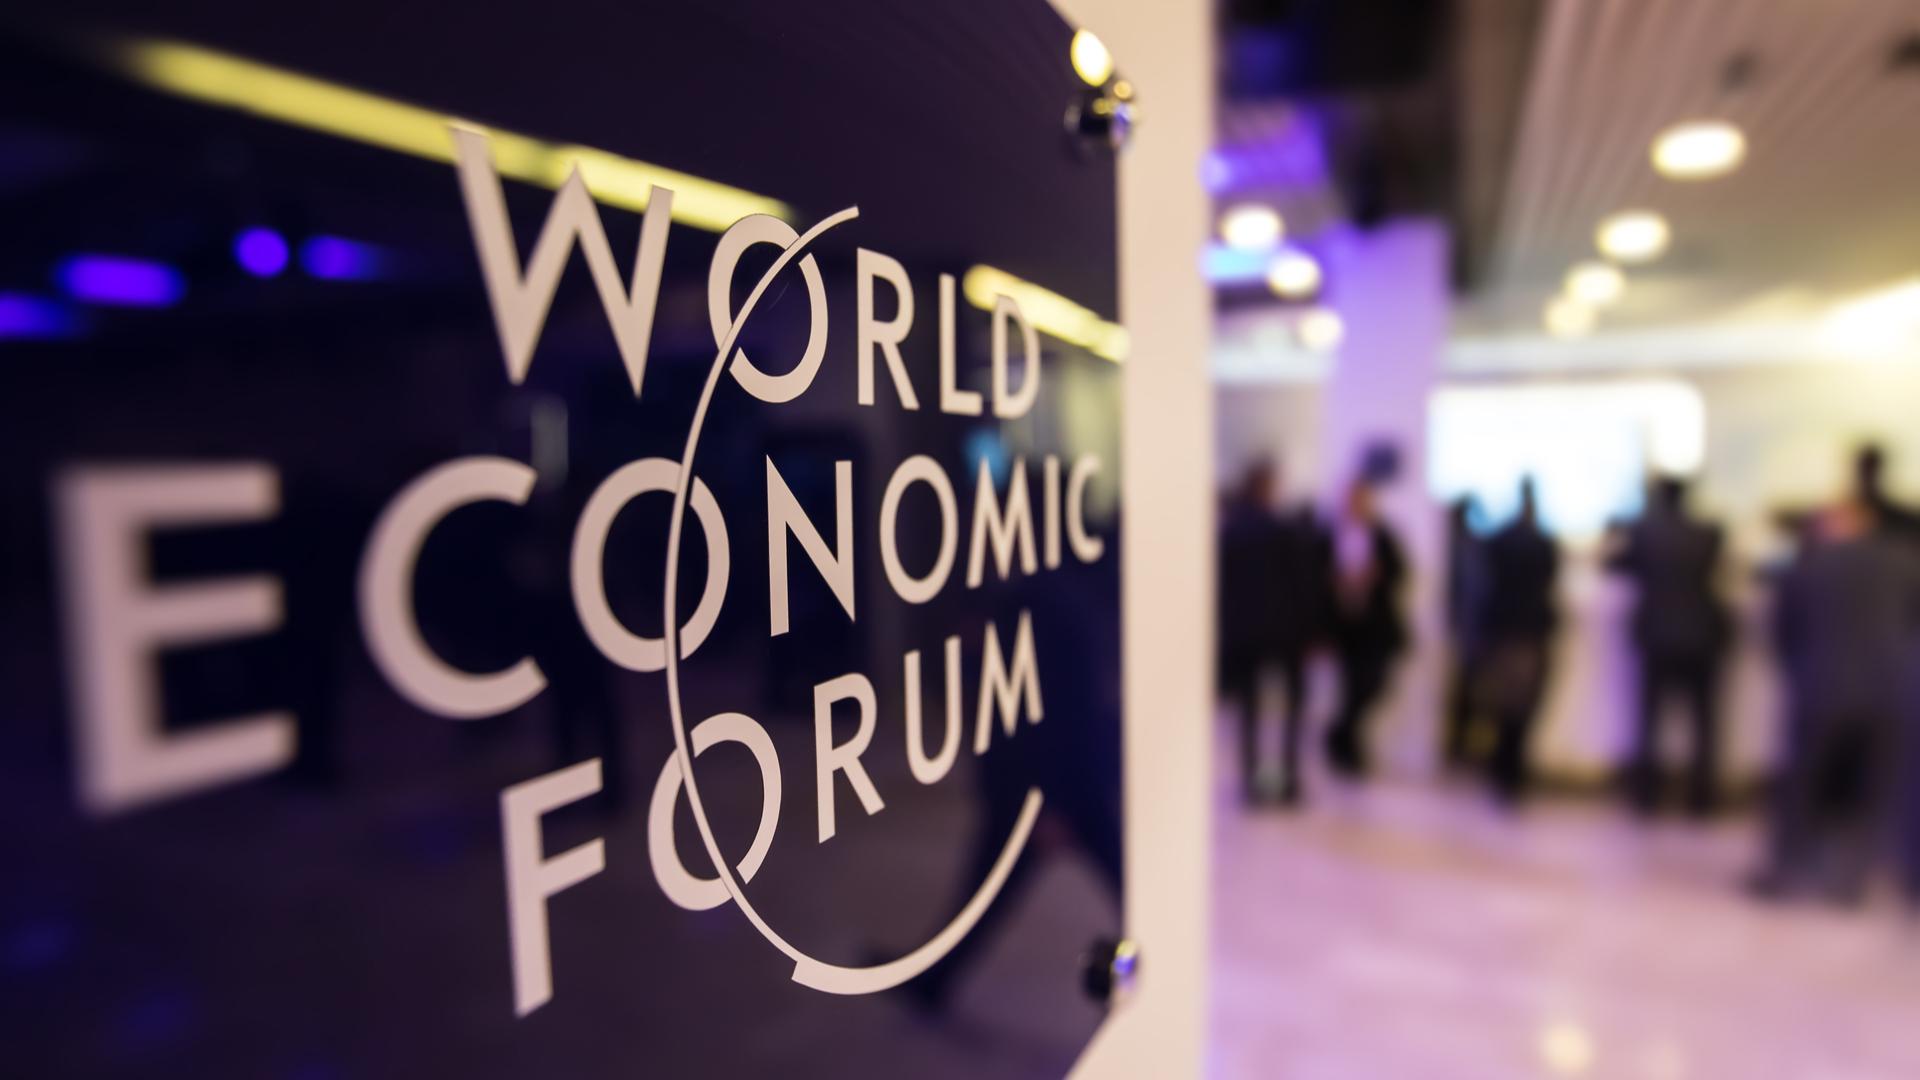 Cambio climático y crecimiento económico WEF Davos 2020